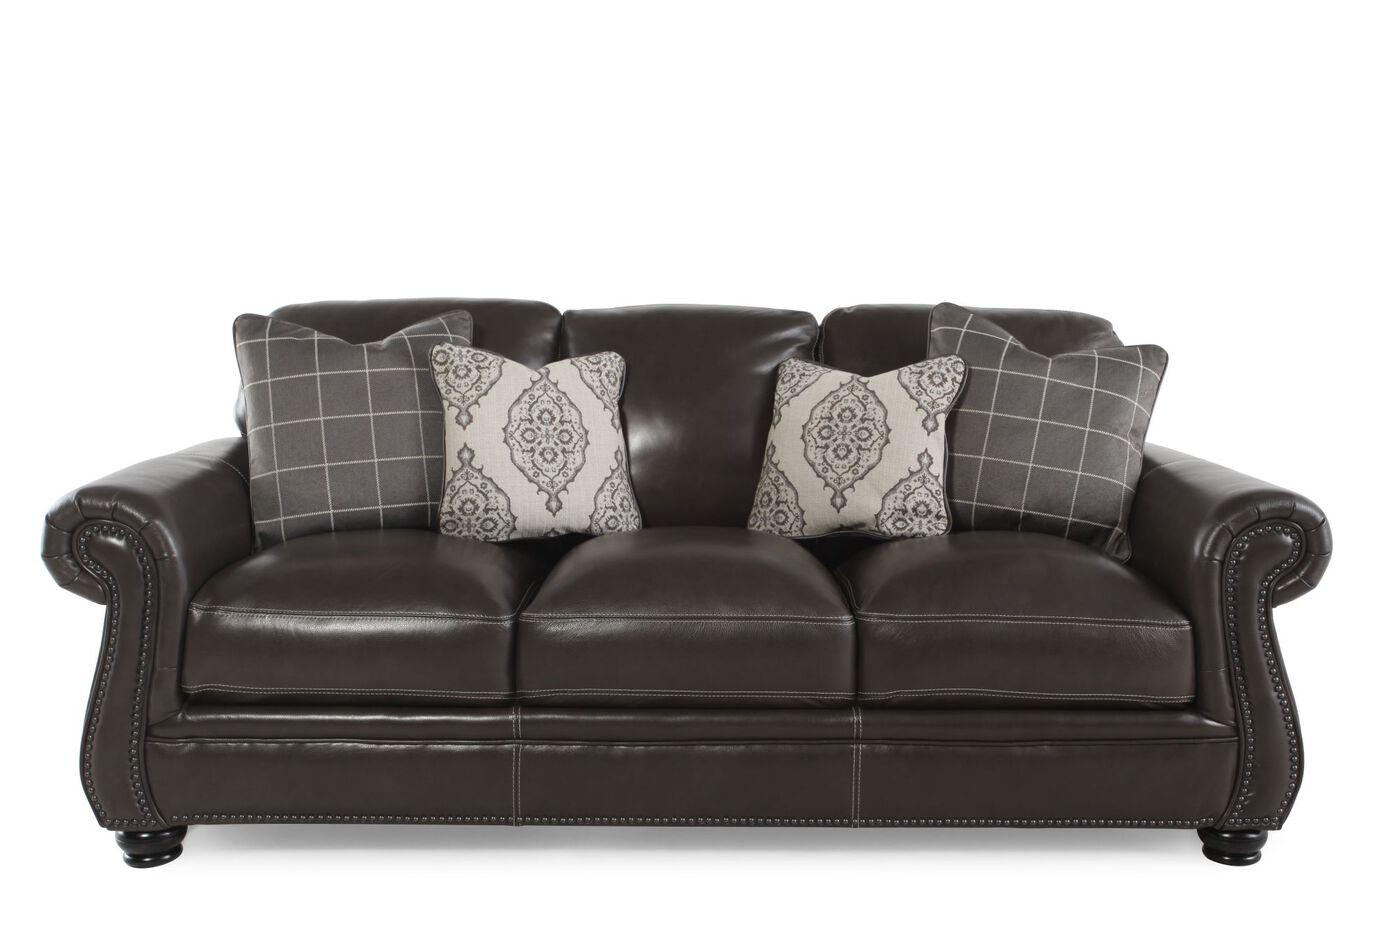 Heirlooms Longhorn Ghost Sofa